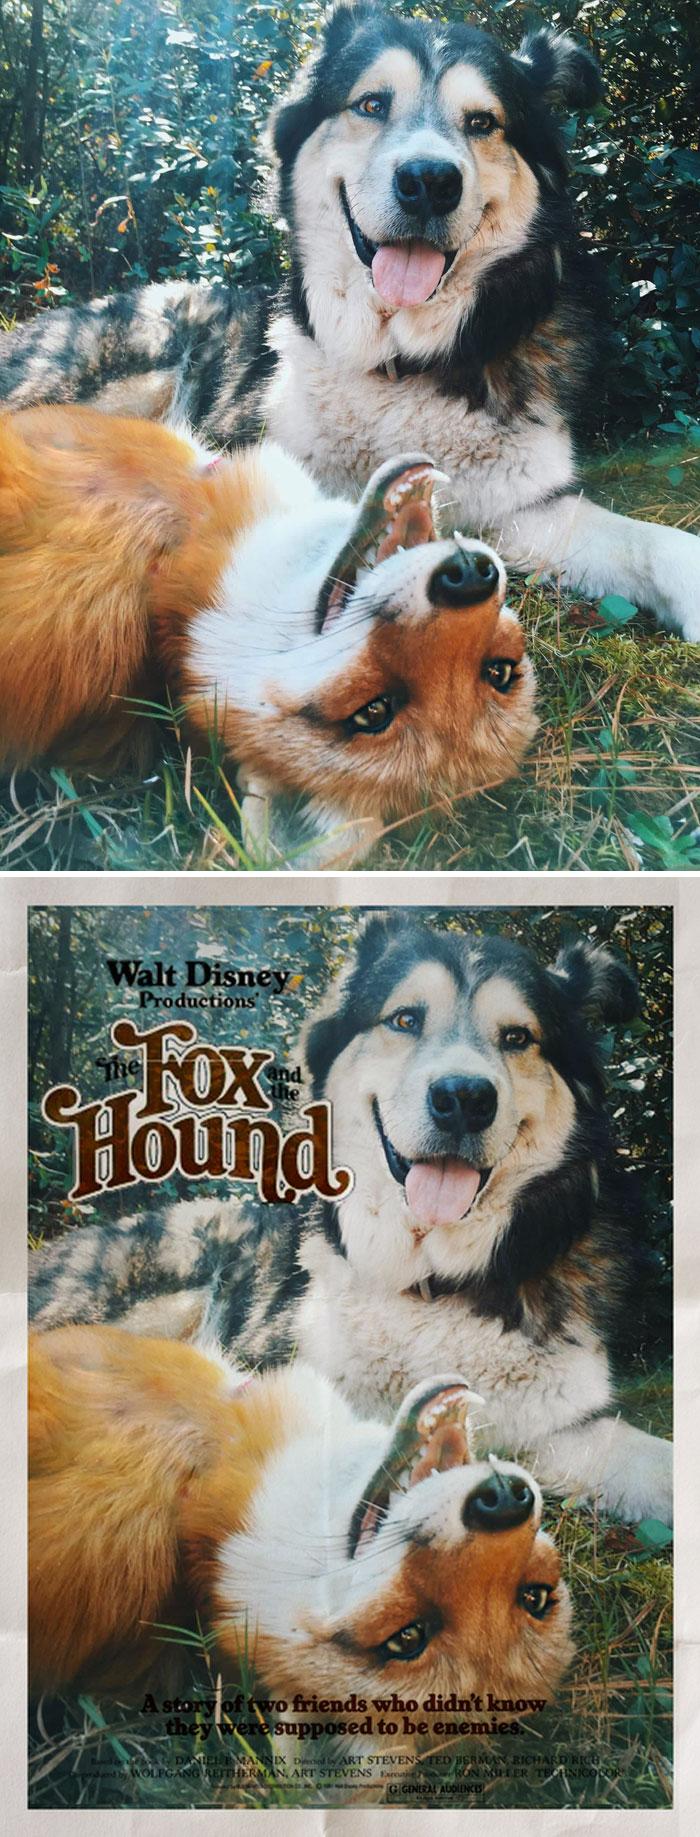 A Fox And A Hound